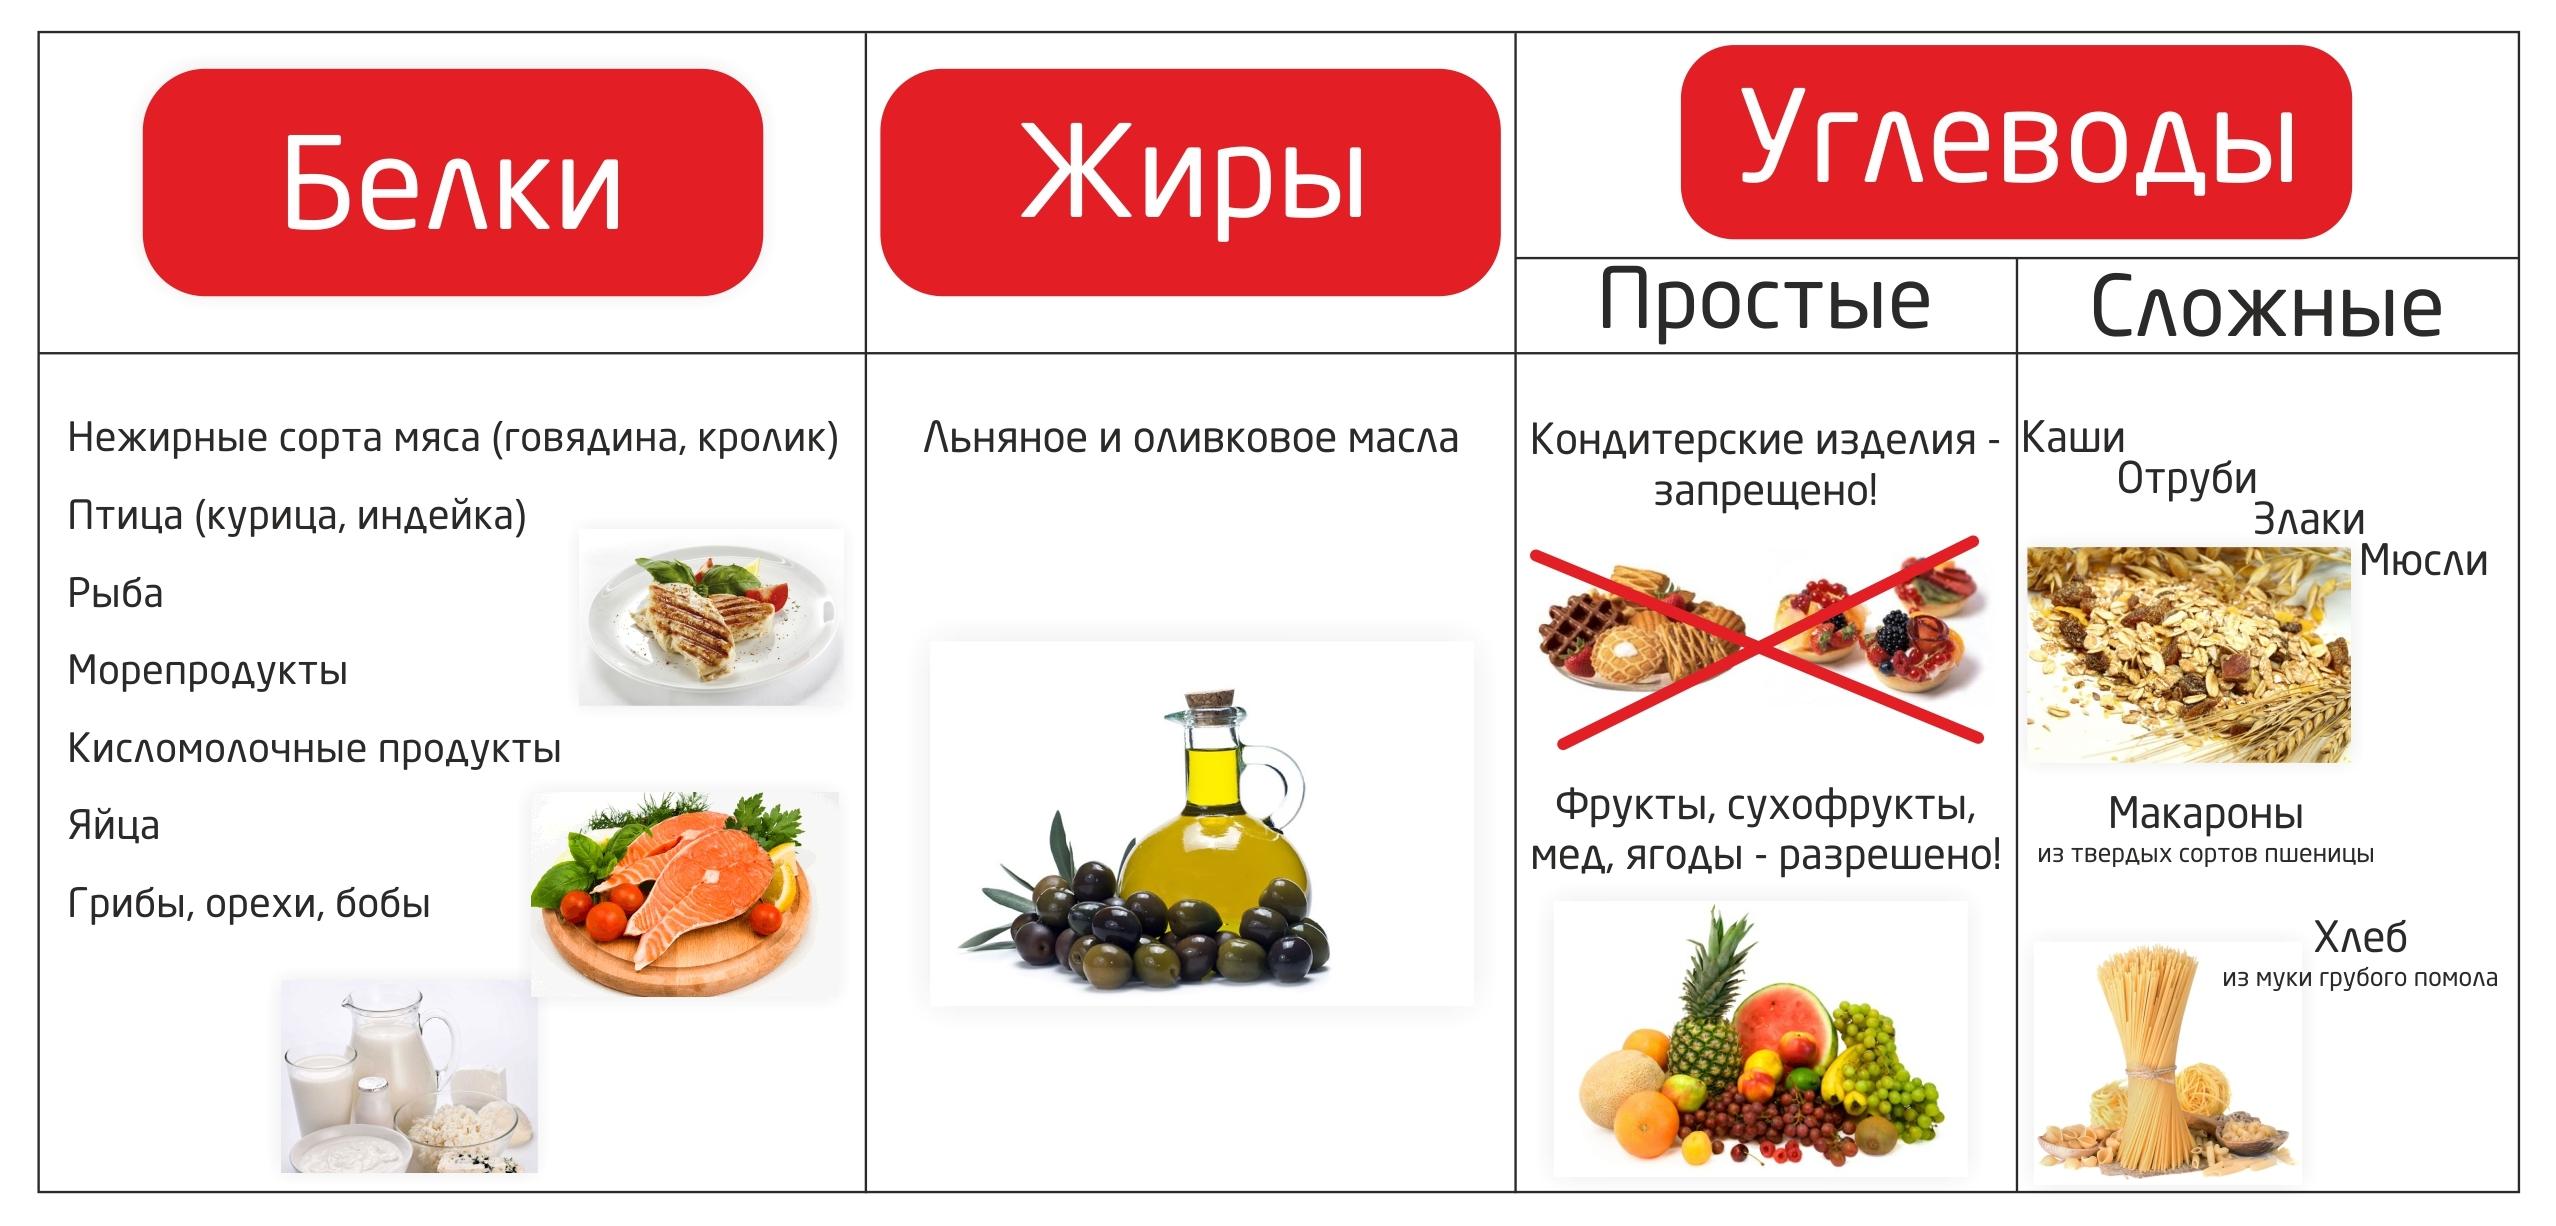 Правильное питание для похудения: меню на каждый день для похудения